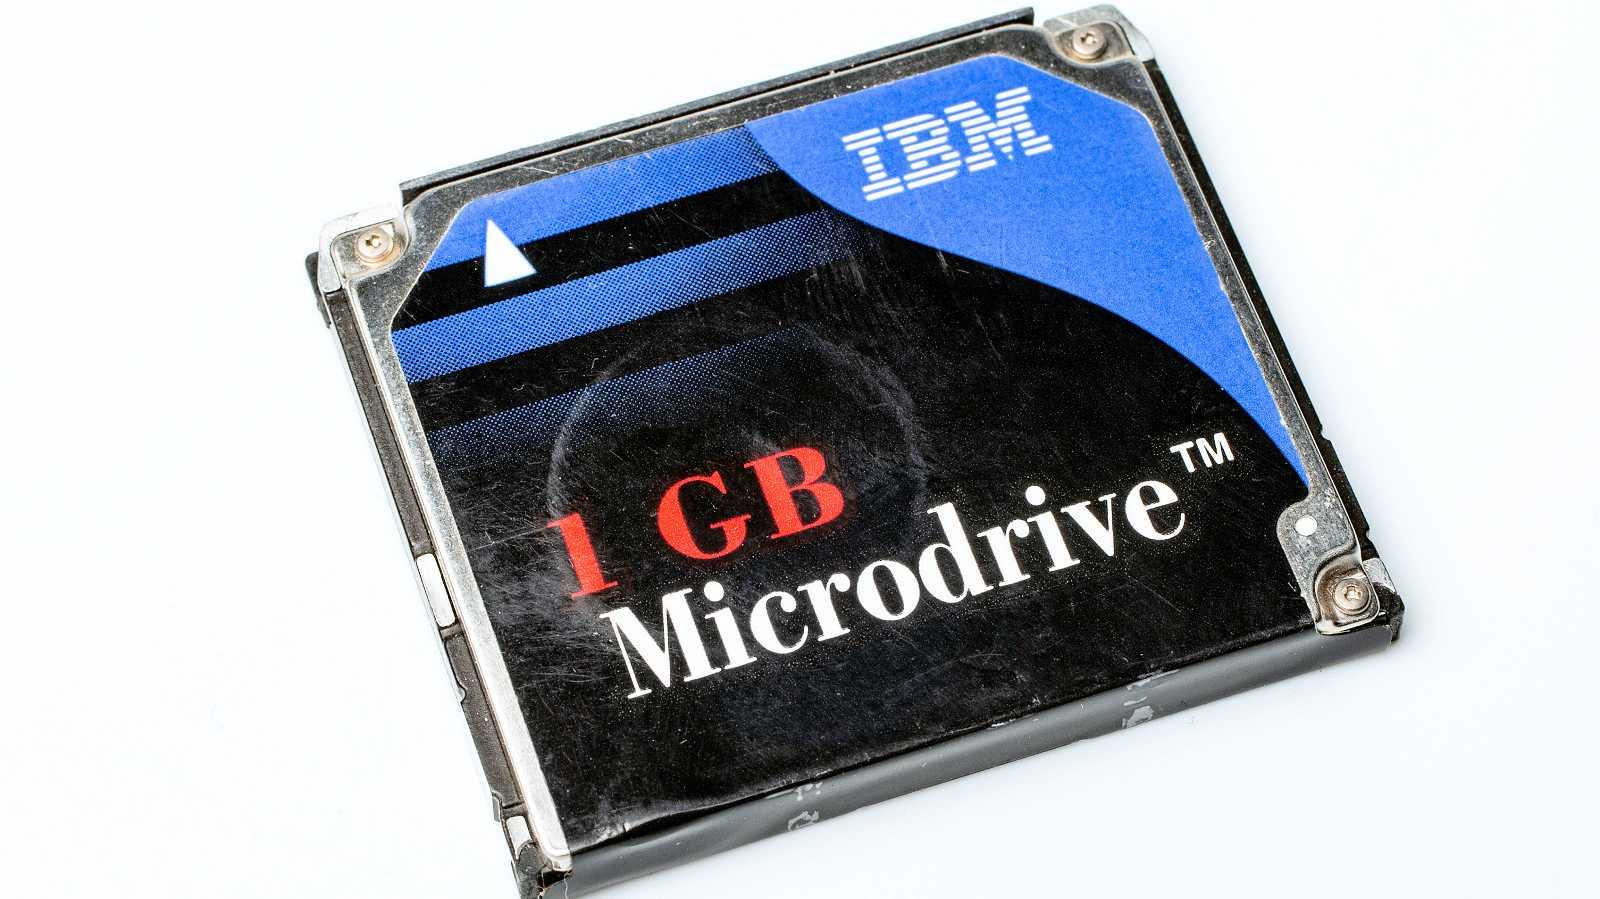 20 Jahre IBM MicroDrive: Speicher für die Nische